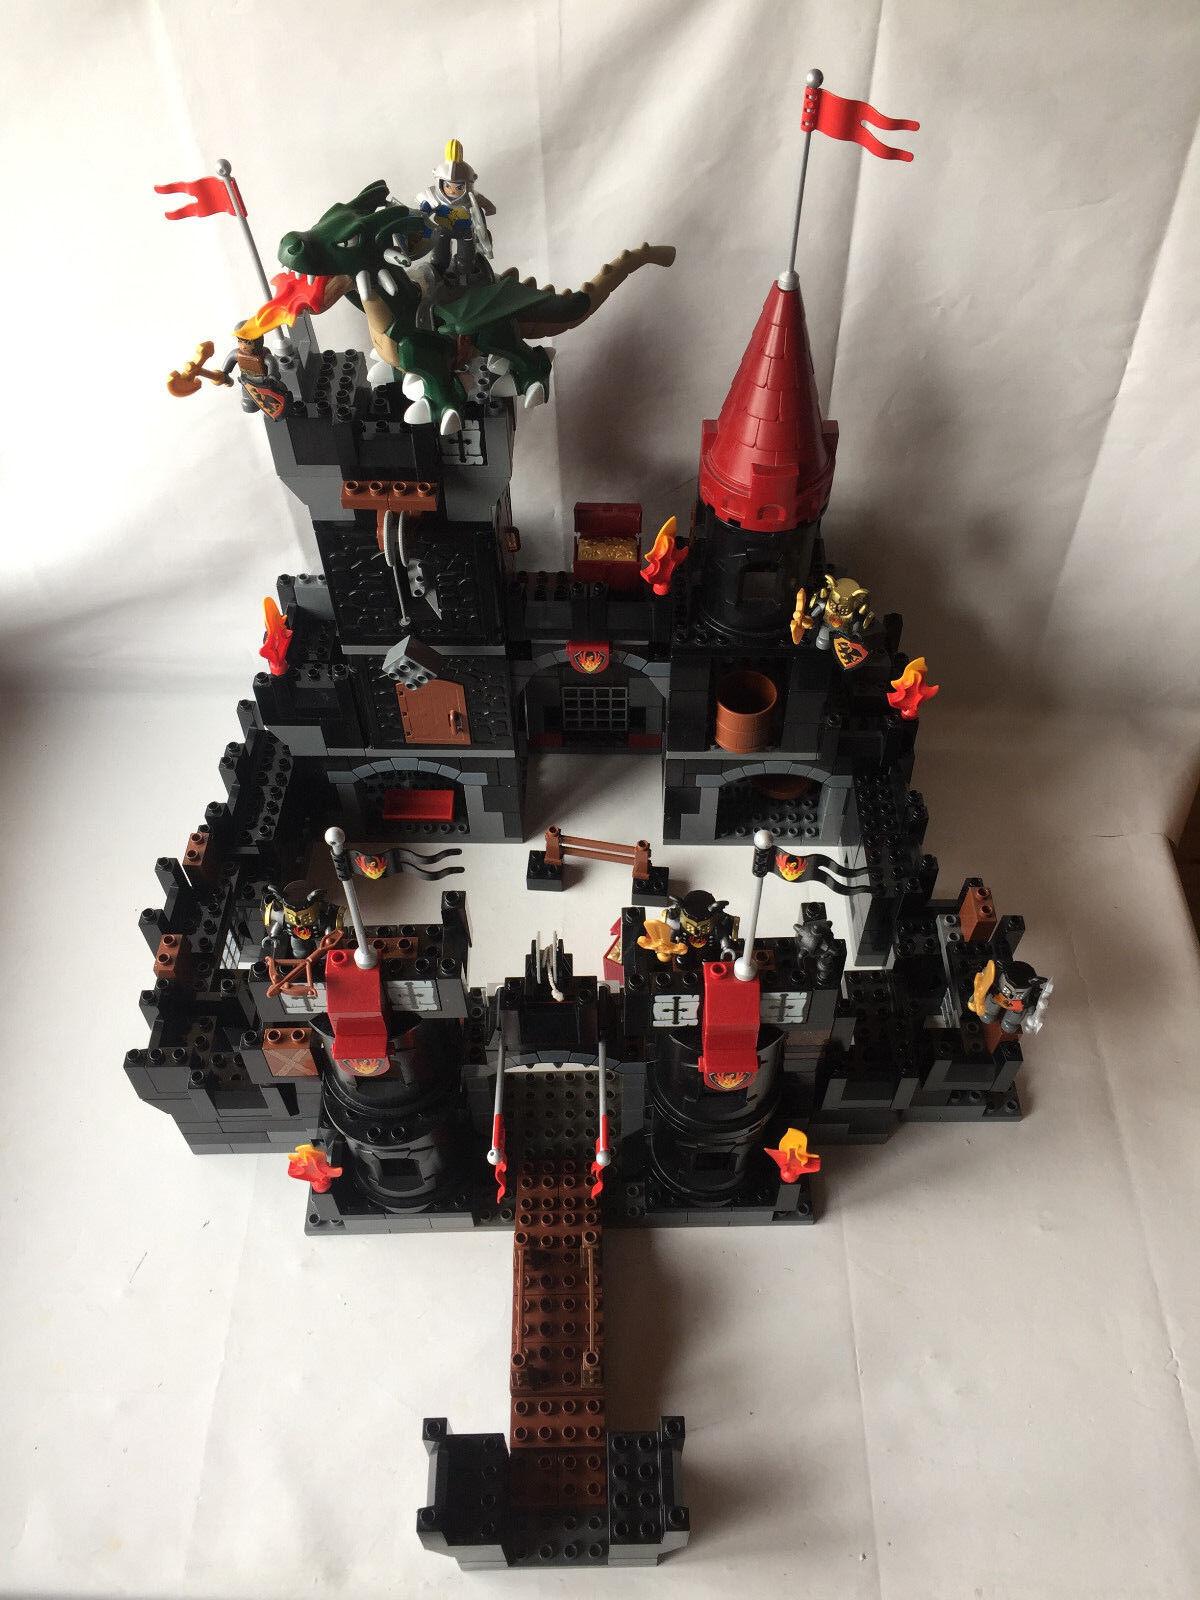 LEGO DUPLO noire Ritterburg-Knight 's Castle  Set 4785 + Dragon-Compl. + Inst.  tout en haute qualité et prix bas